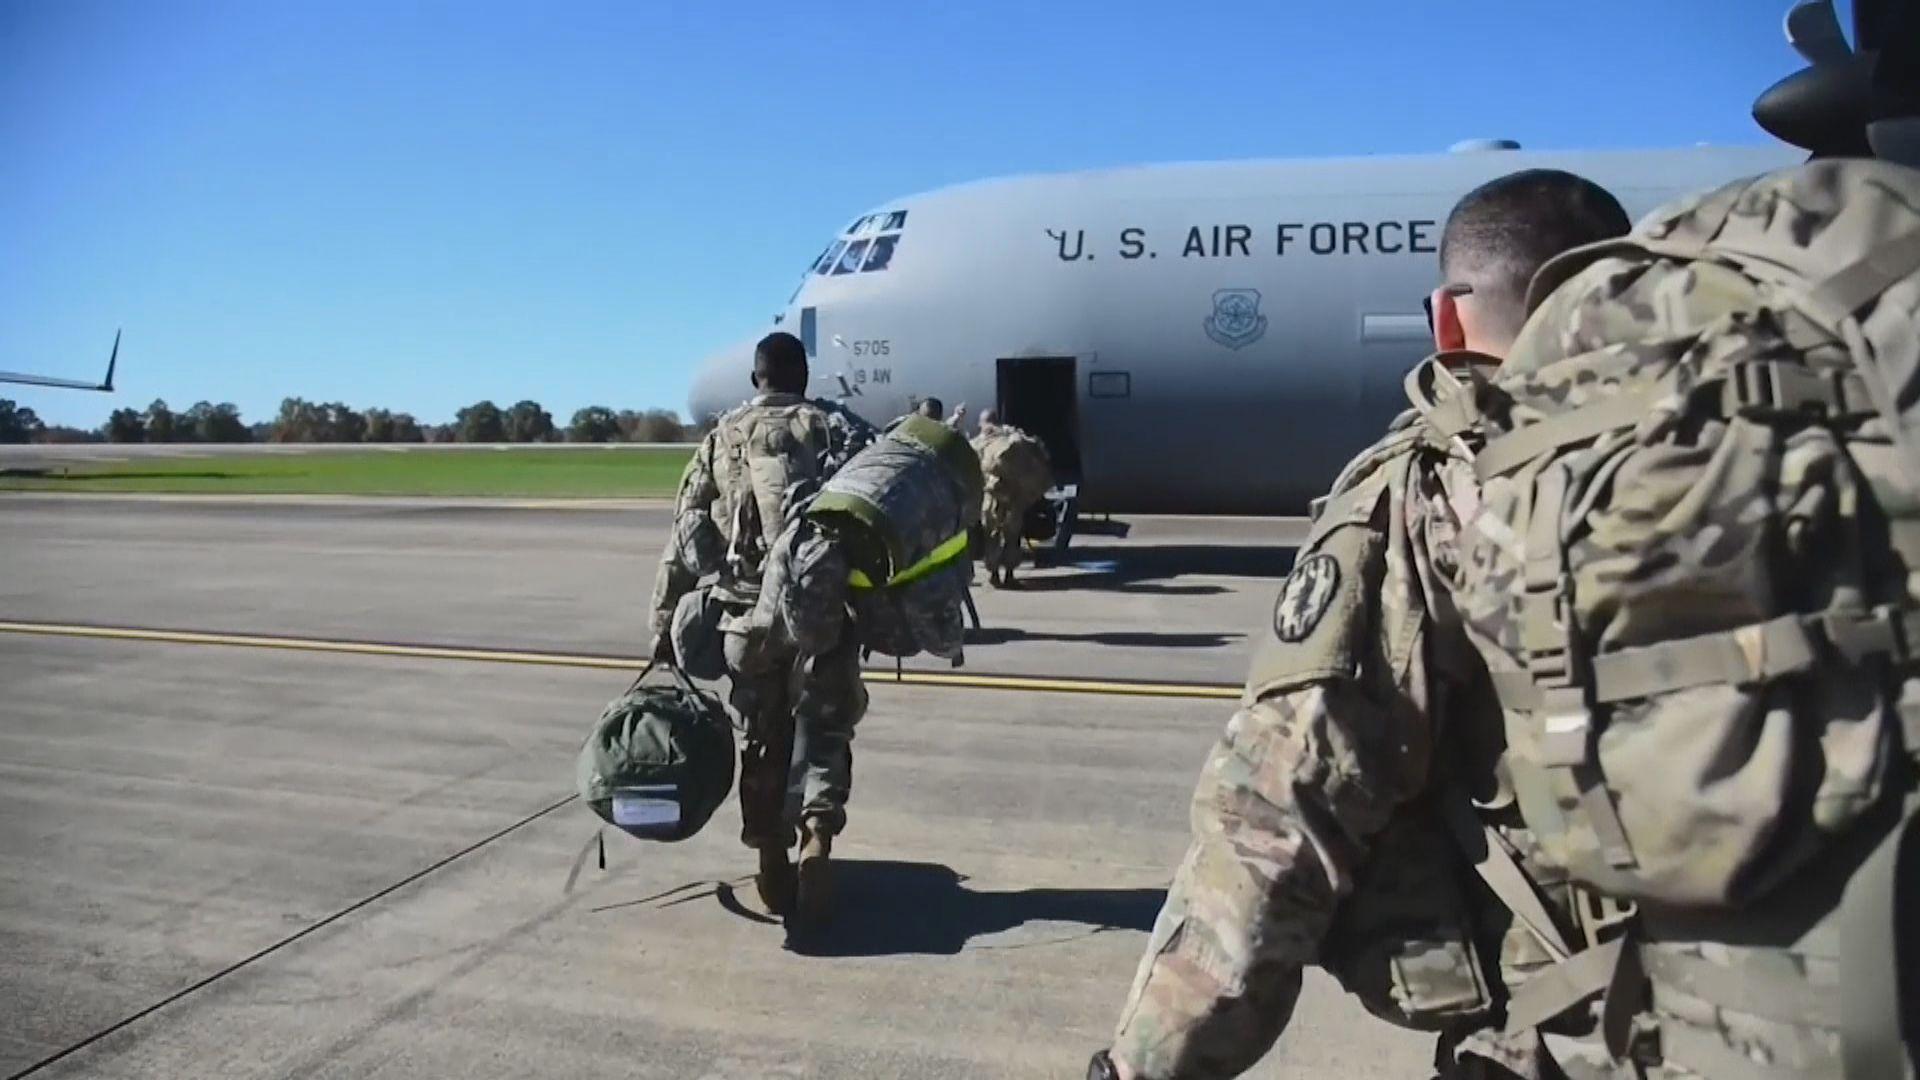 美軍國內行動受限制 赴邊境作為不大